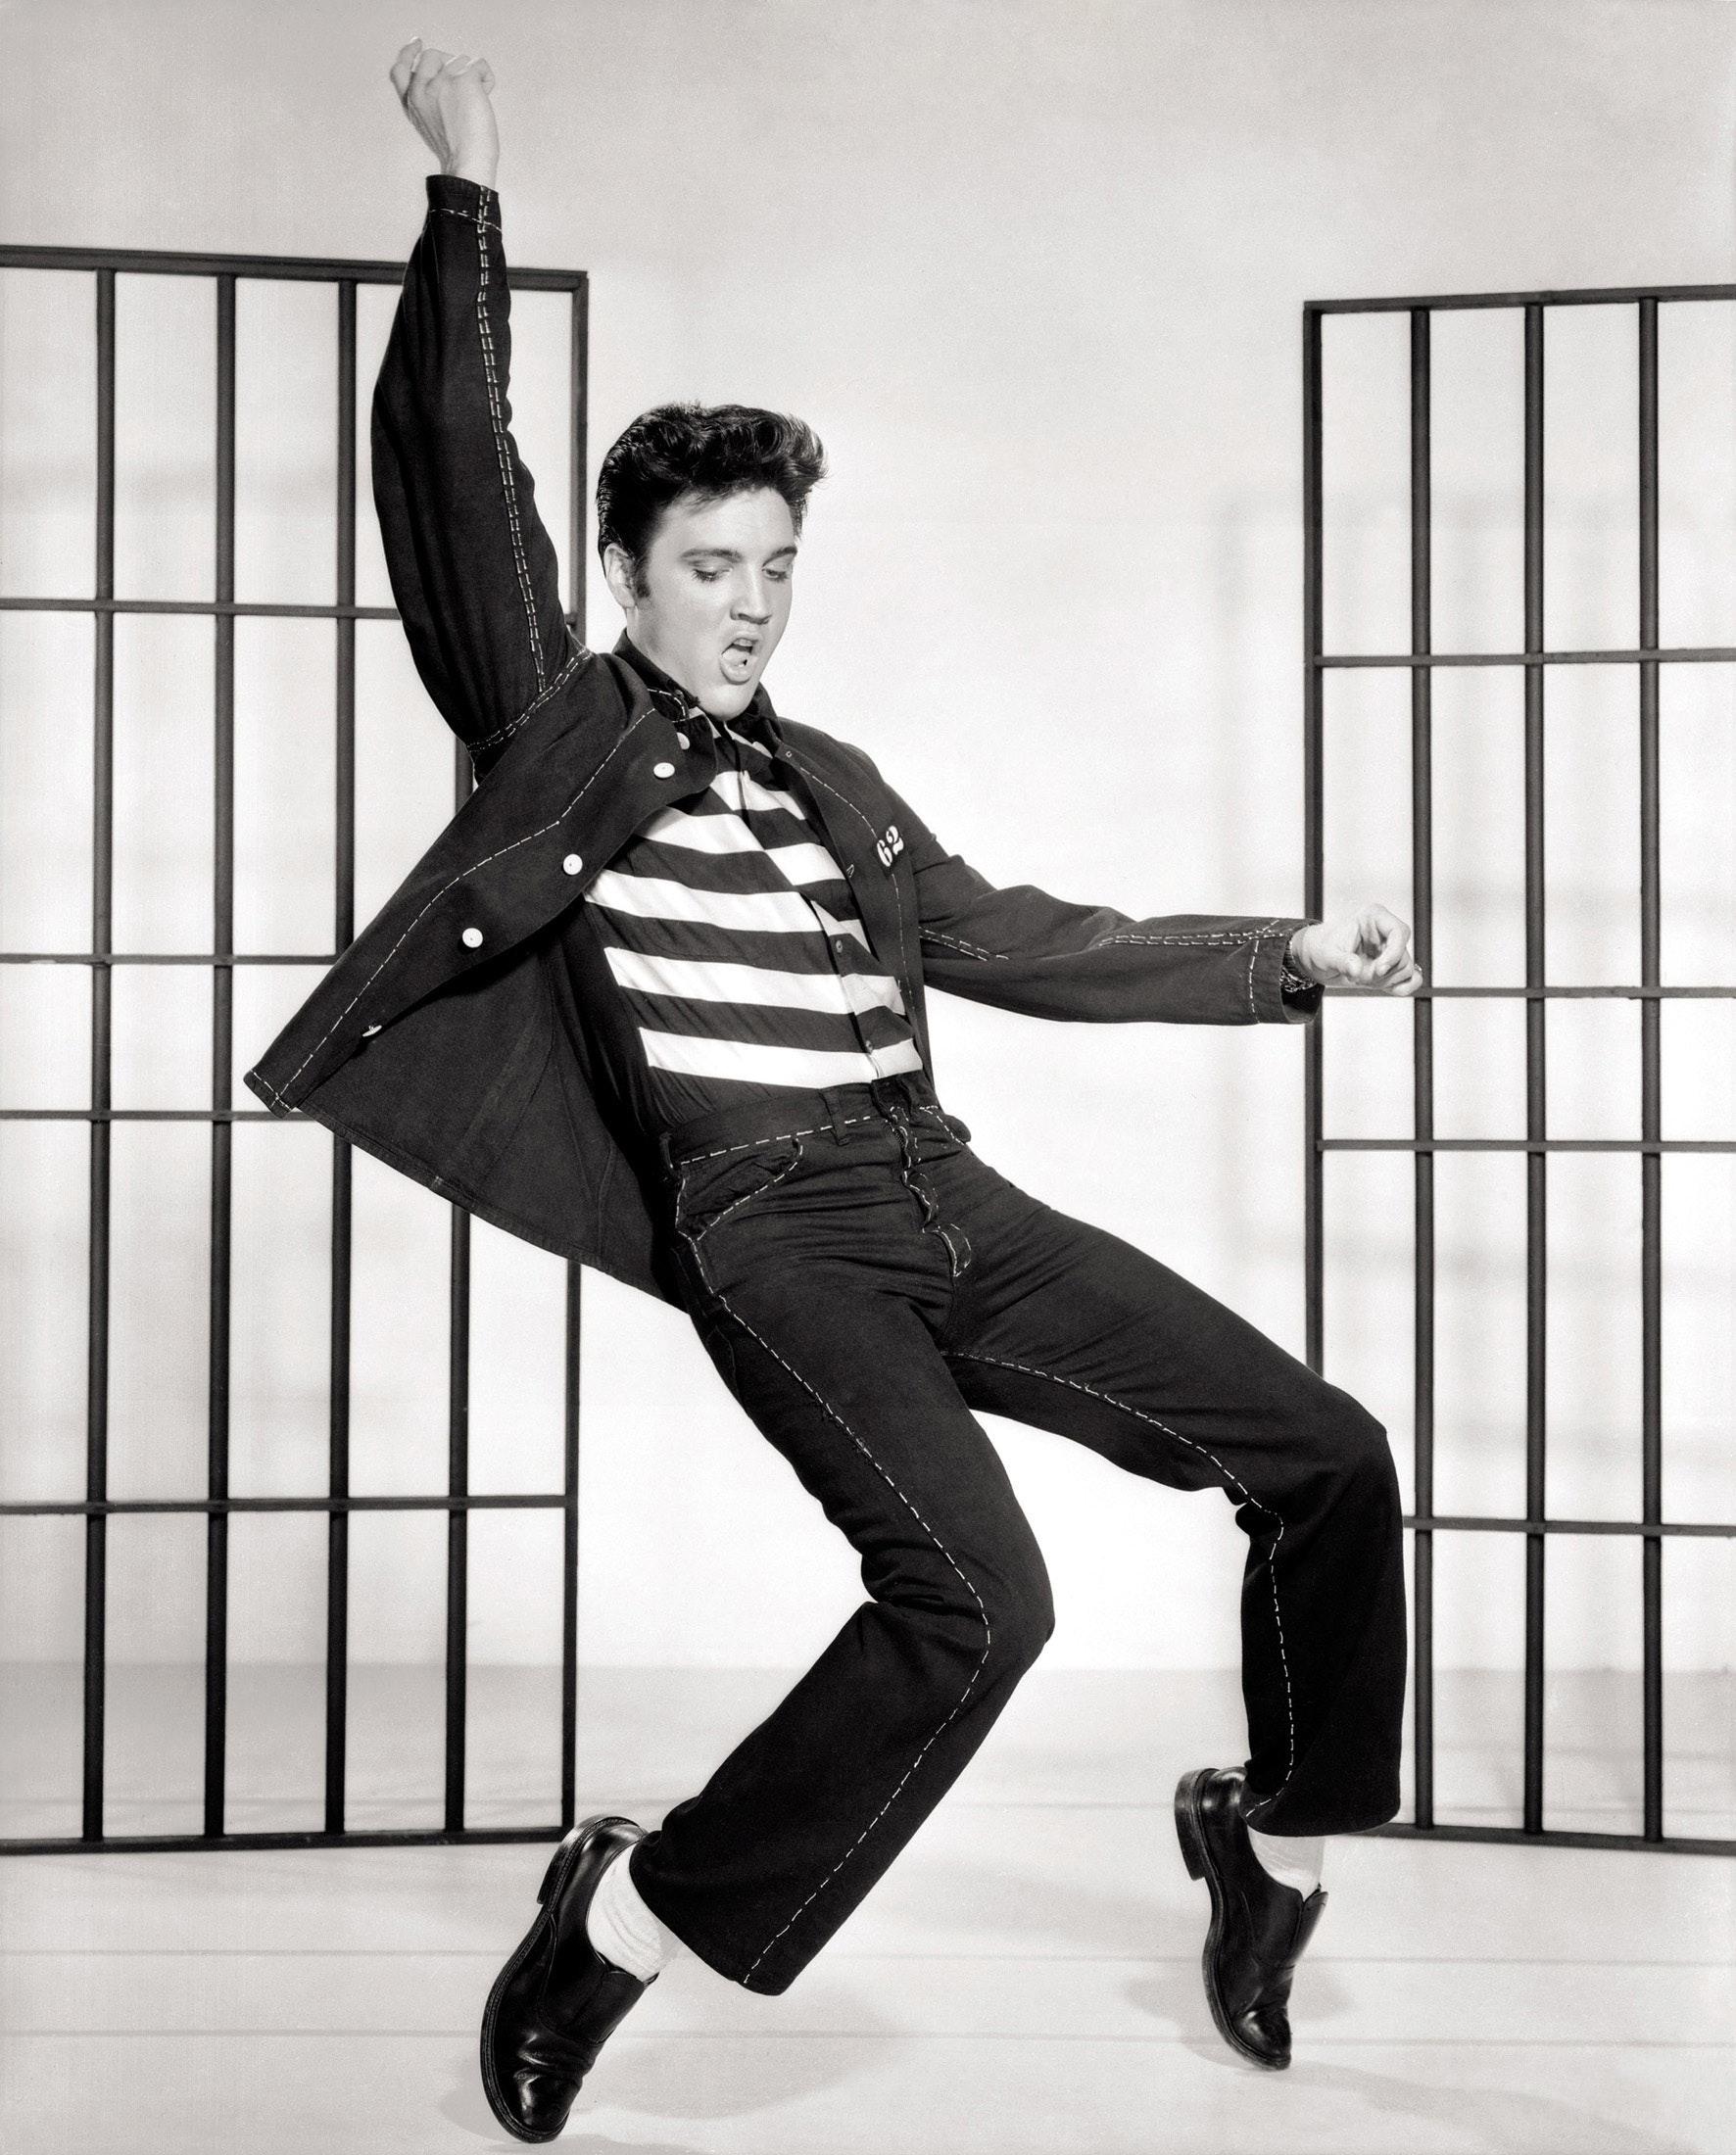 Elvis Presley Dancing · Free Stock Photo  Elvis Presley D...